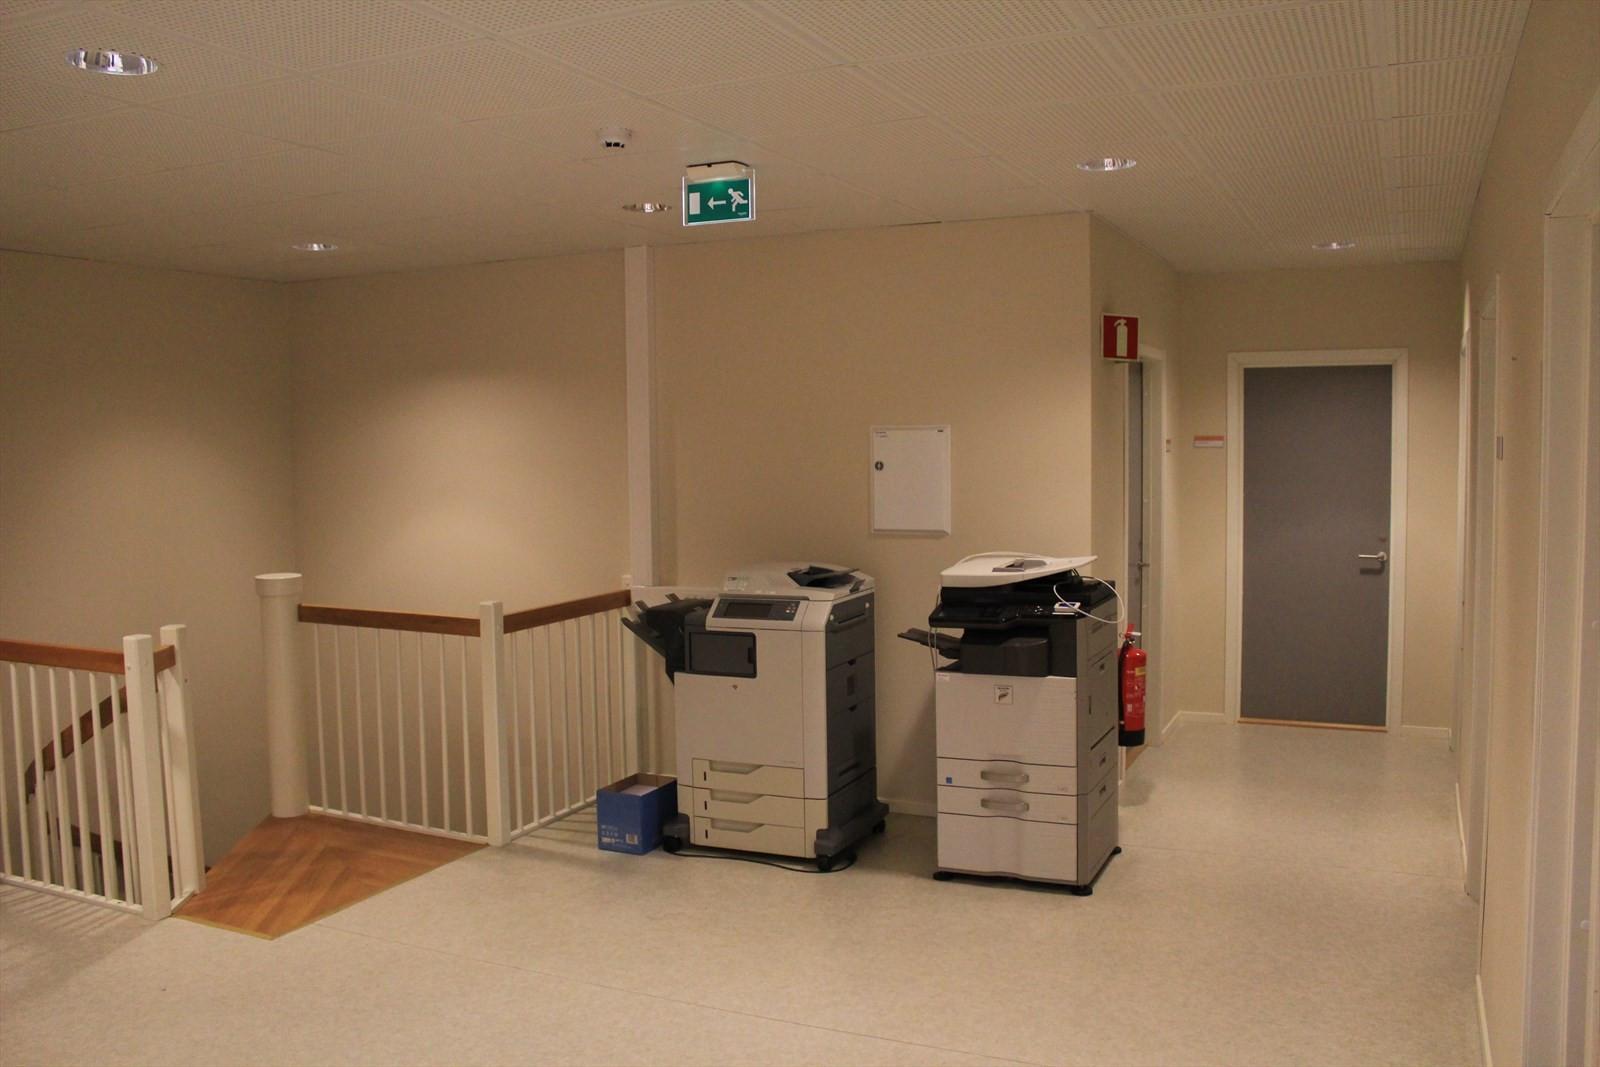 Korridor 2. etasje.